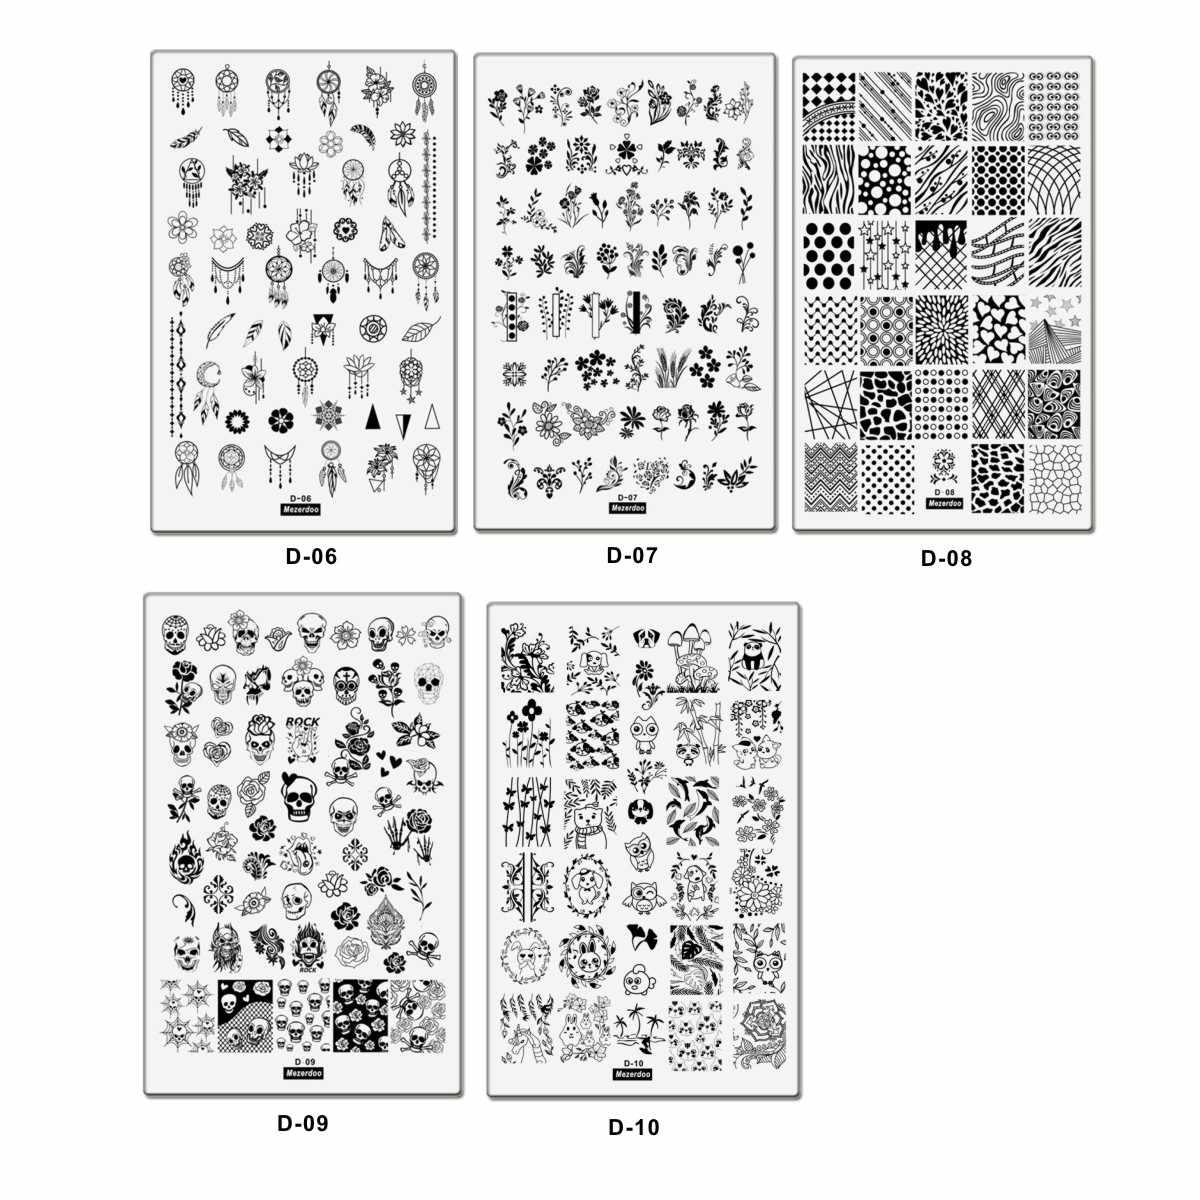 สัตว์น่ารักดอกไม้เรขาคณิตภาพ Diy Nail Art Stamping เหล็กแผ่นเล็บแผ่นแม่แบบแสตมป์ Stencil Collection